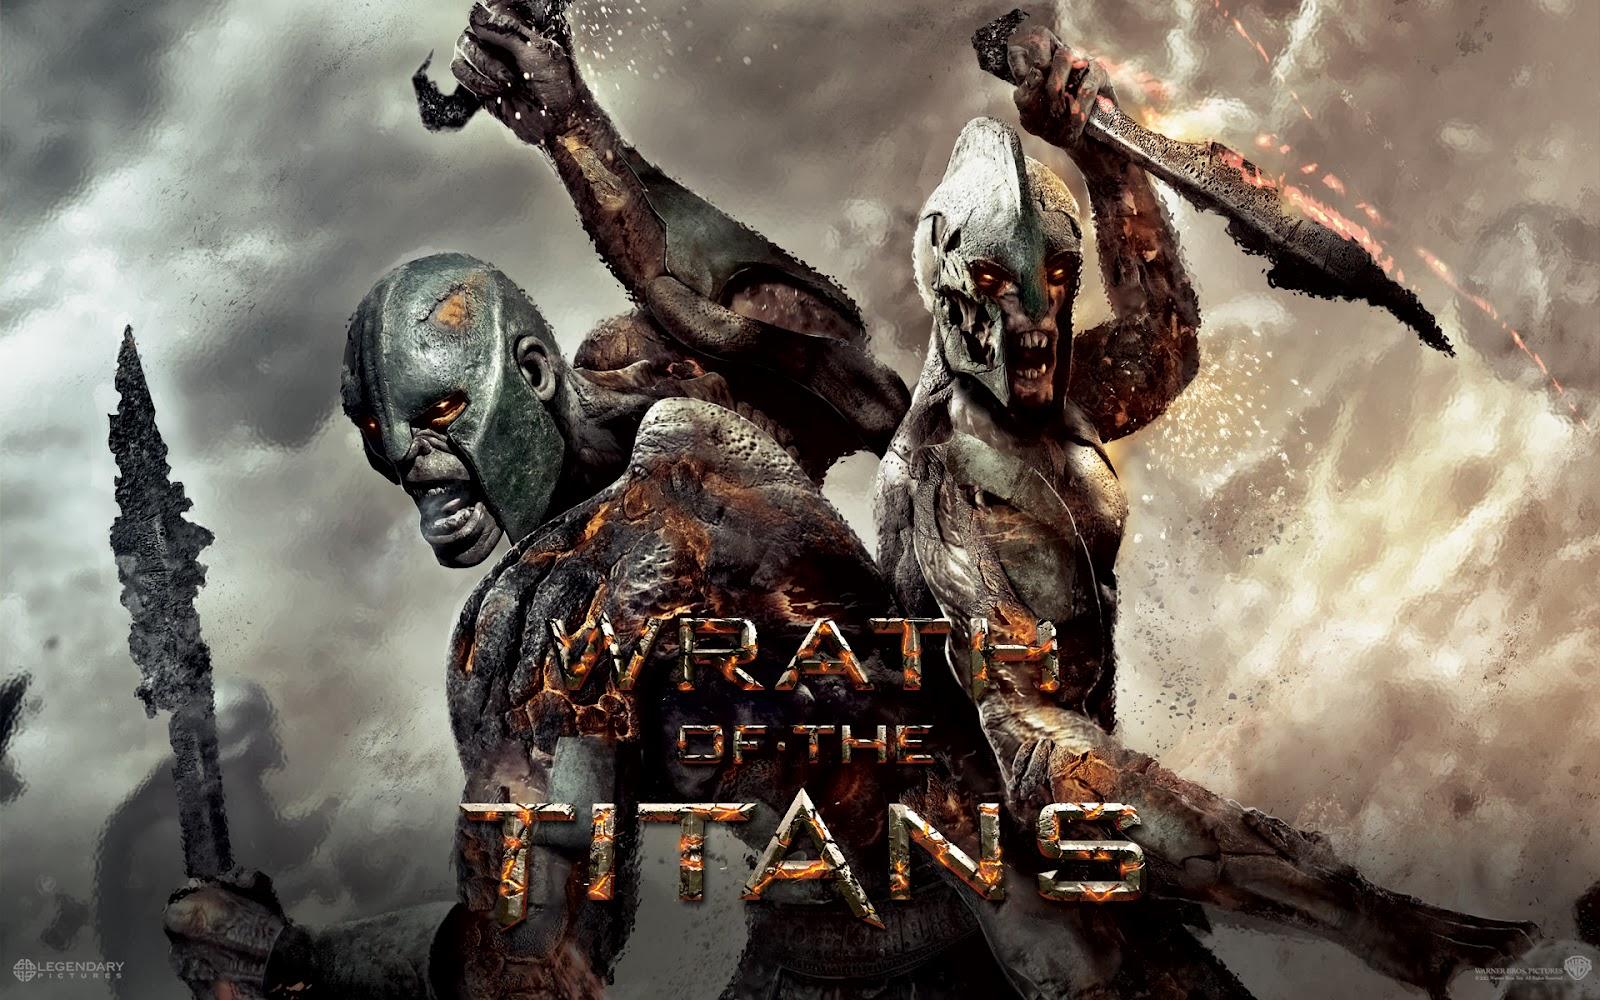 http://4.bp.blogspot.com/-vU_B0hyr9VY/UCtzPYxkqMI/AAAAAAAAMyI/aBze5UWzZs8/s1600/wrath-of-the-titans-gods.jpg